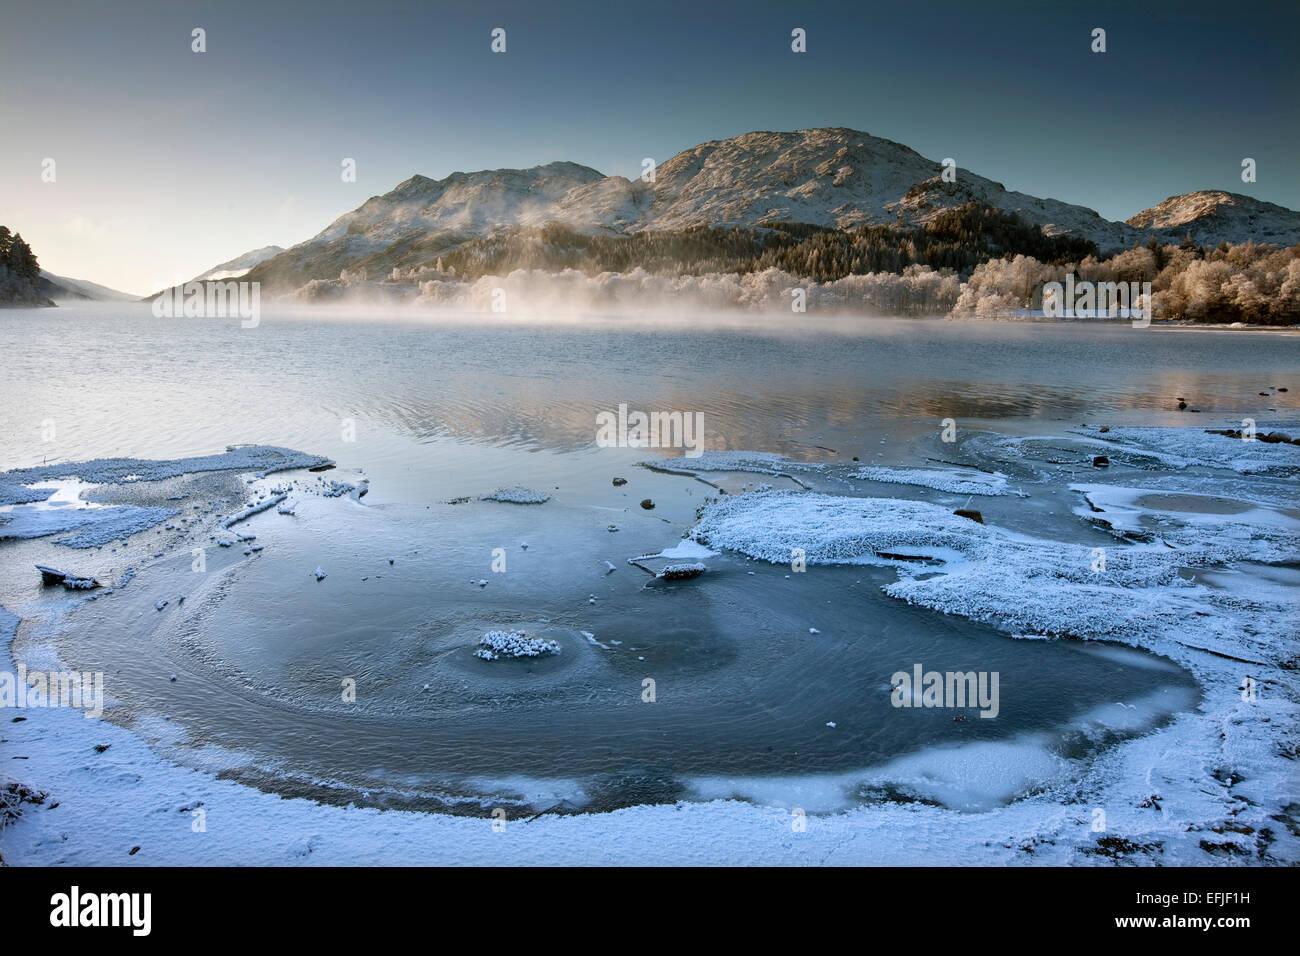 Winter scene on Loch Shiel, Lochaber - Stock Image